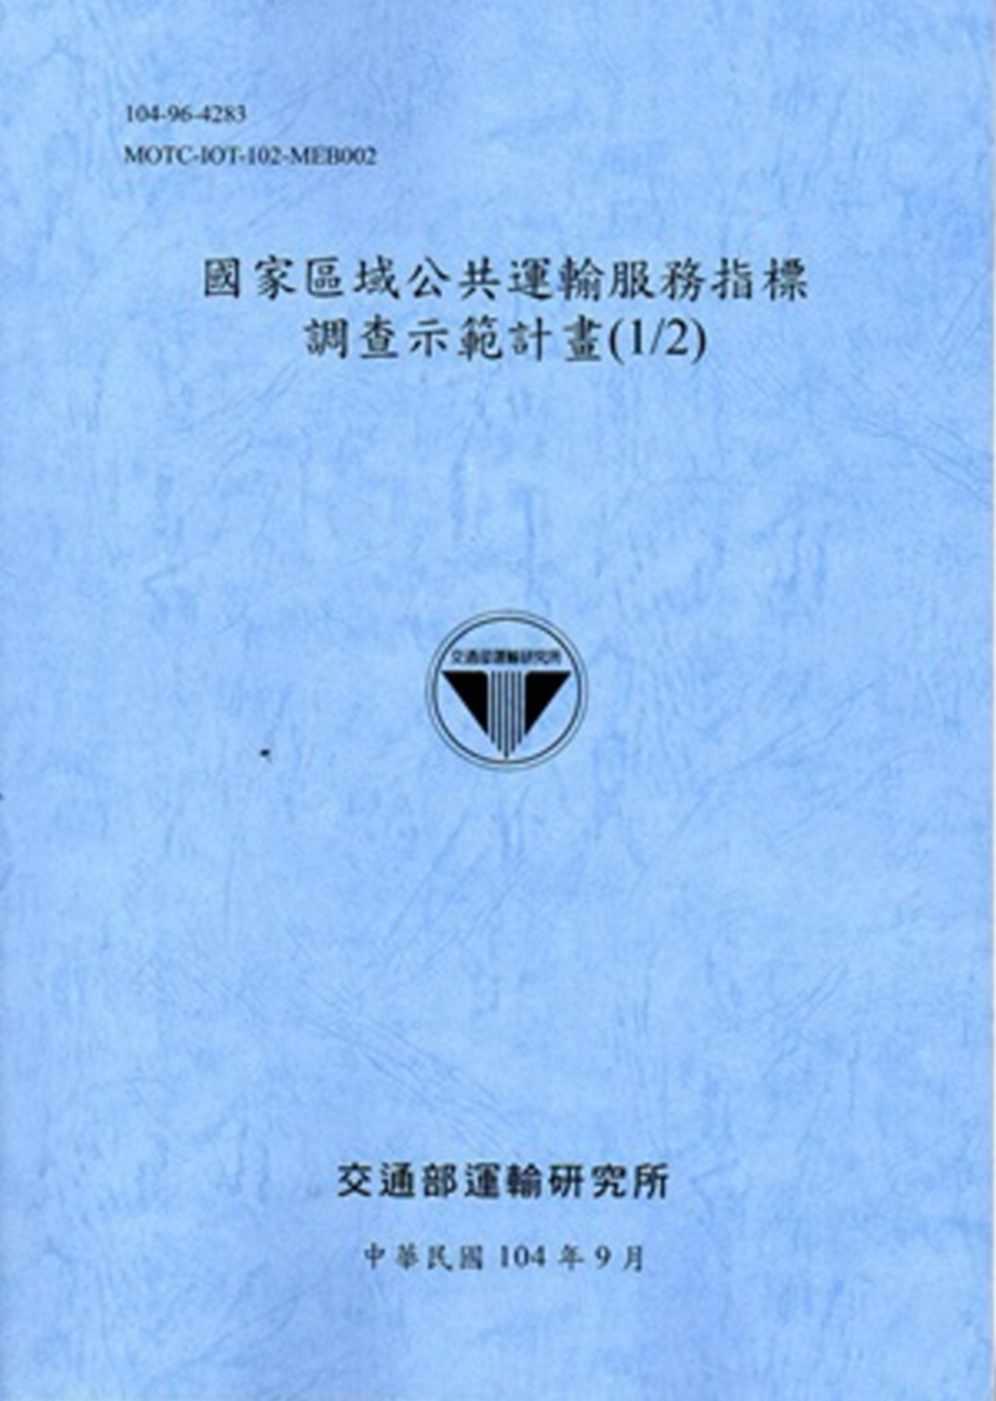 國家區域公共運輸服務指標調查示範計畫(1/2) [104藍]